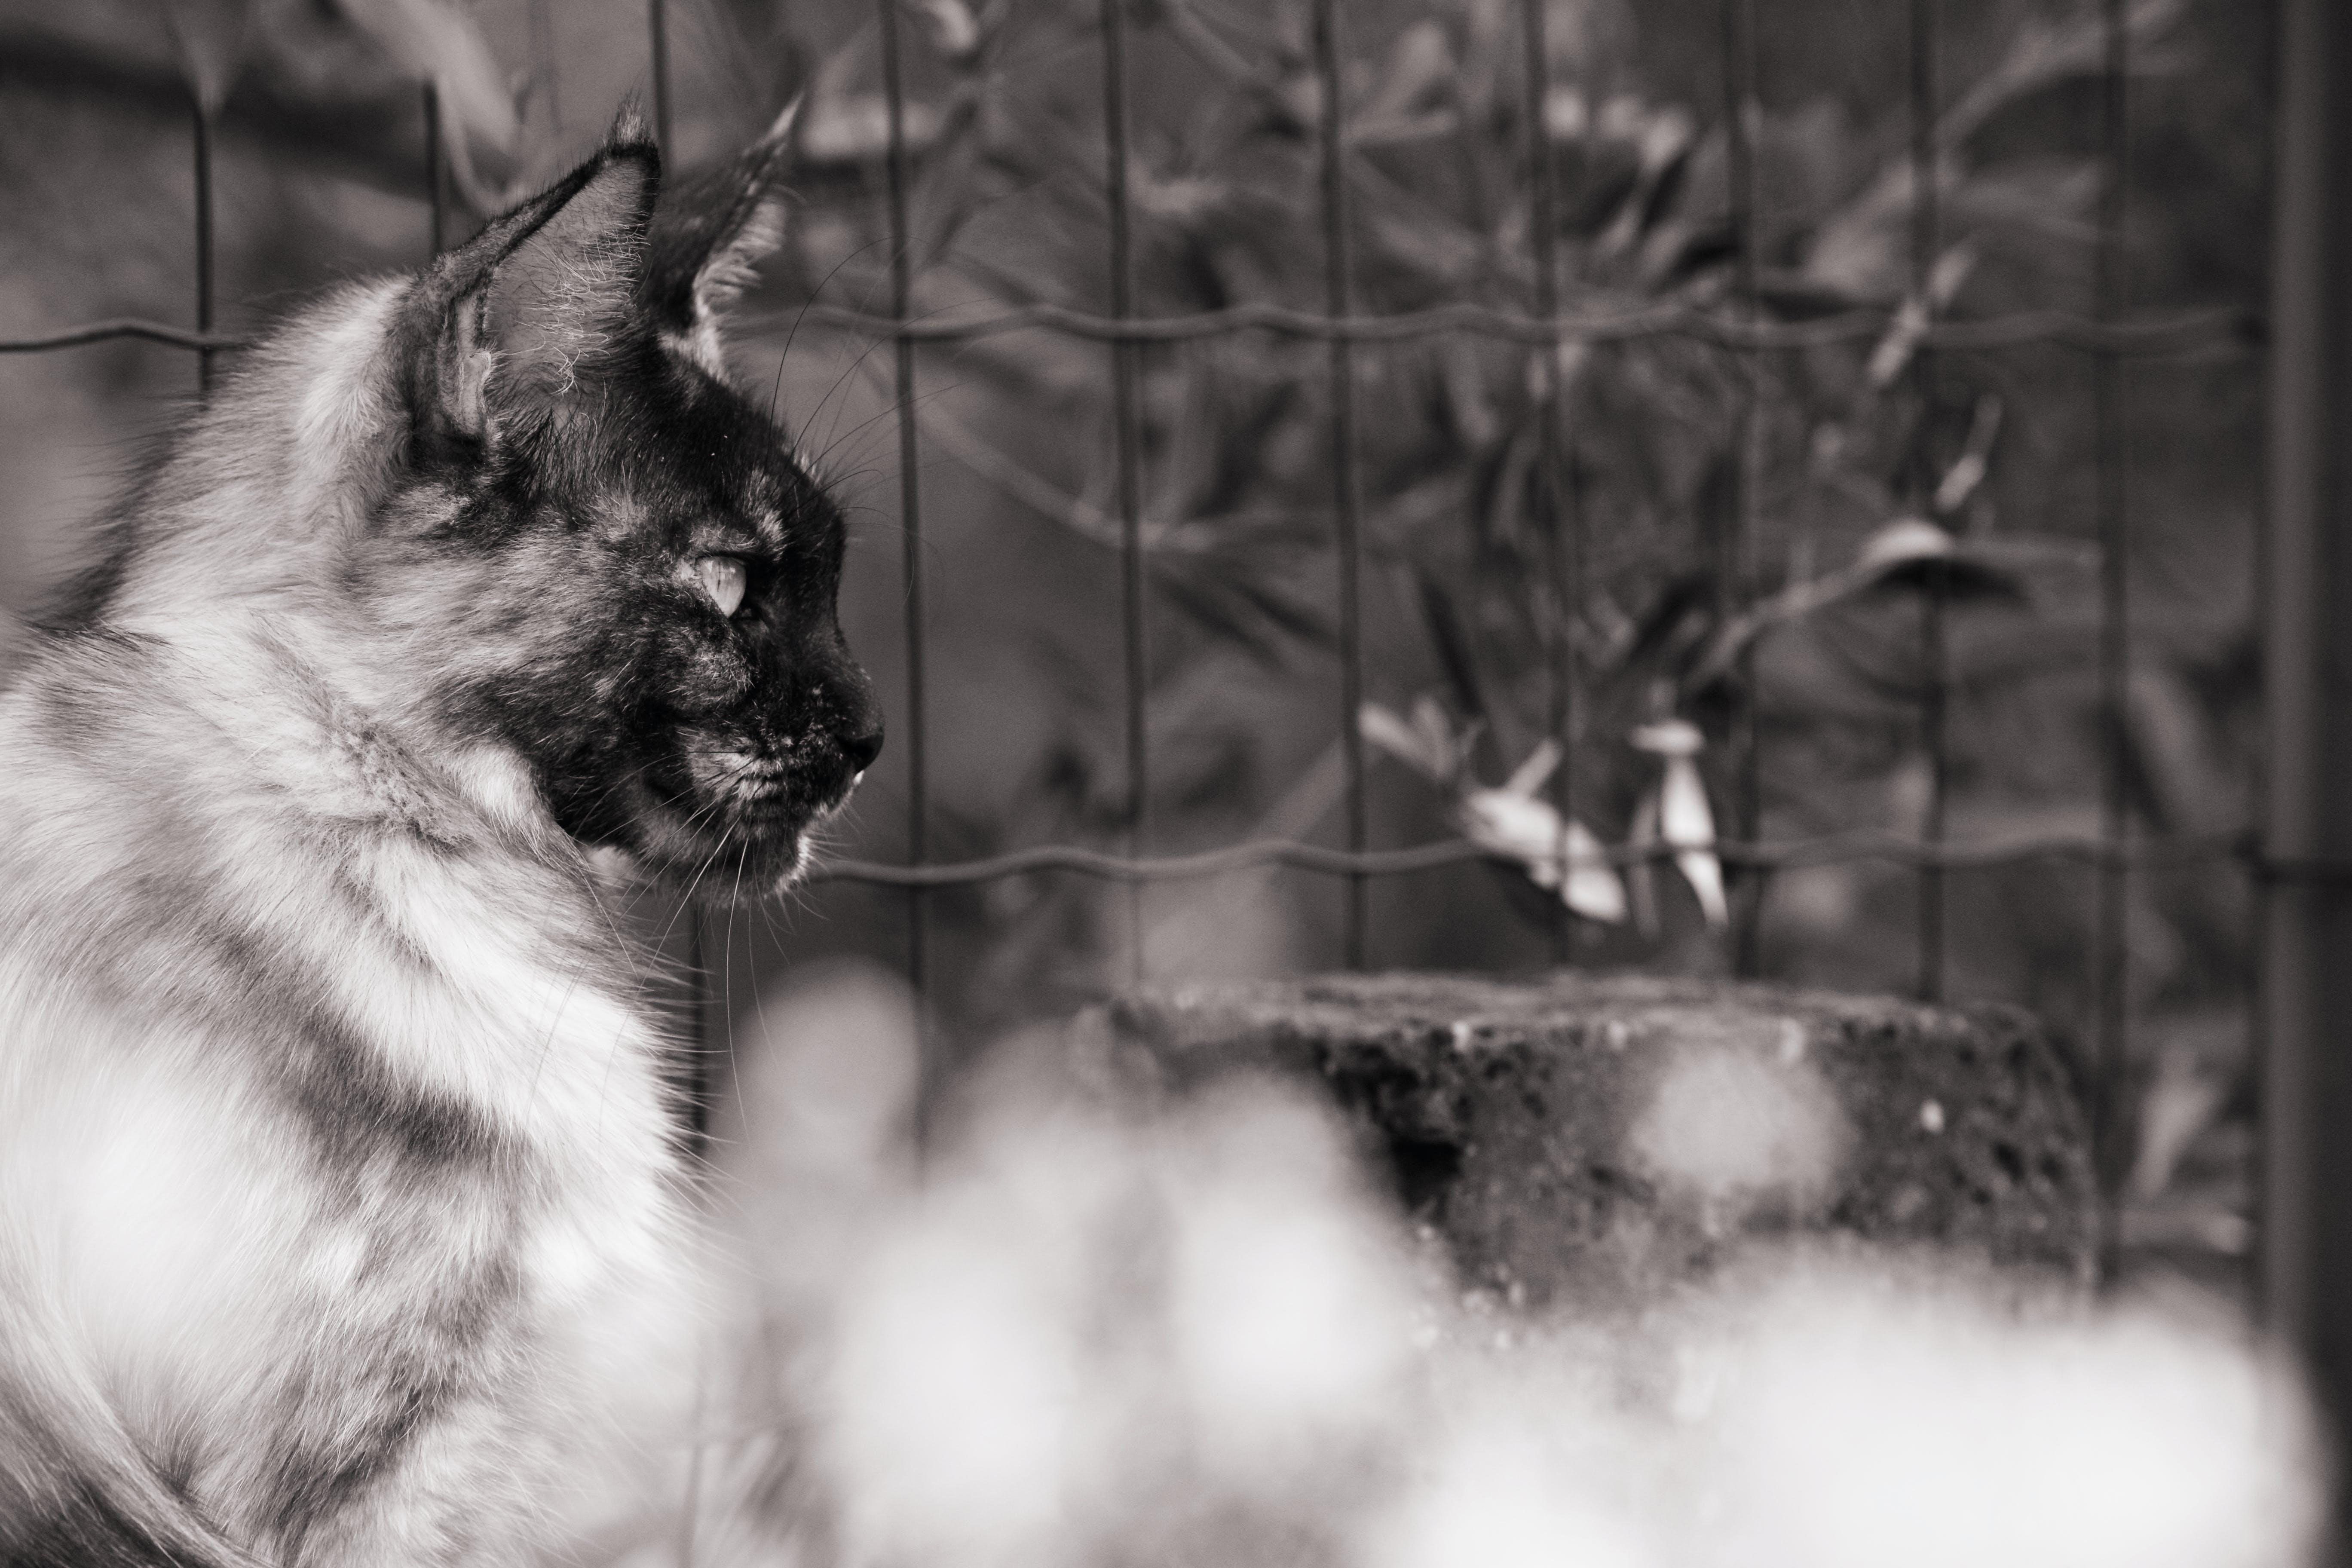 검은색 배경, 메인 캘런, 메인 쿤, 반려동물의 무료 스톡 사진